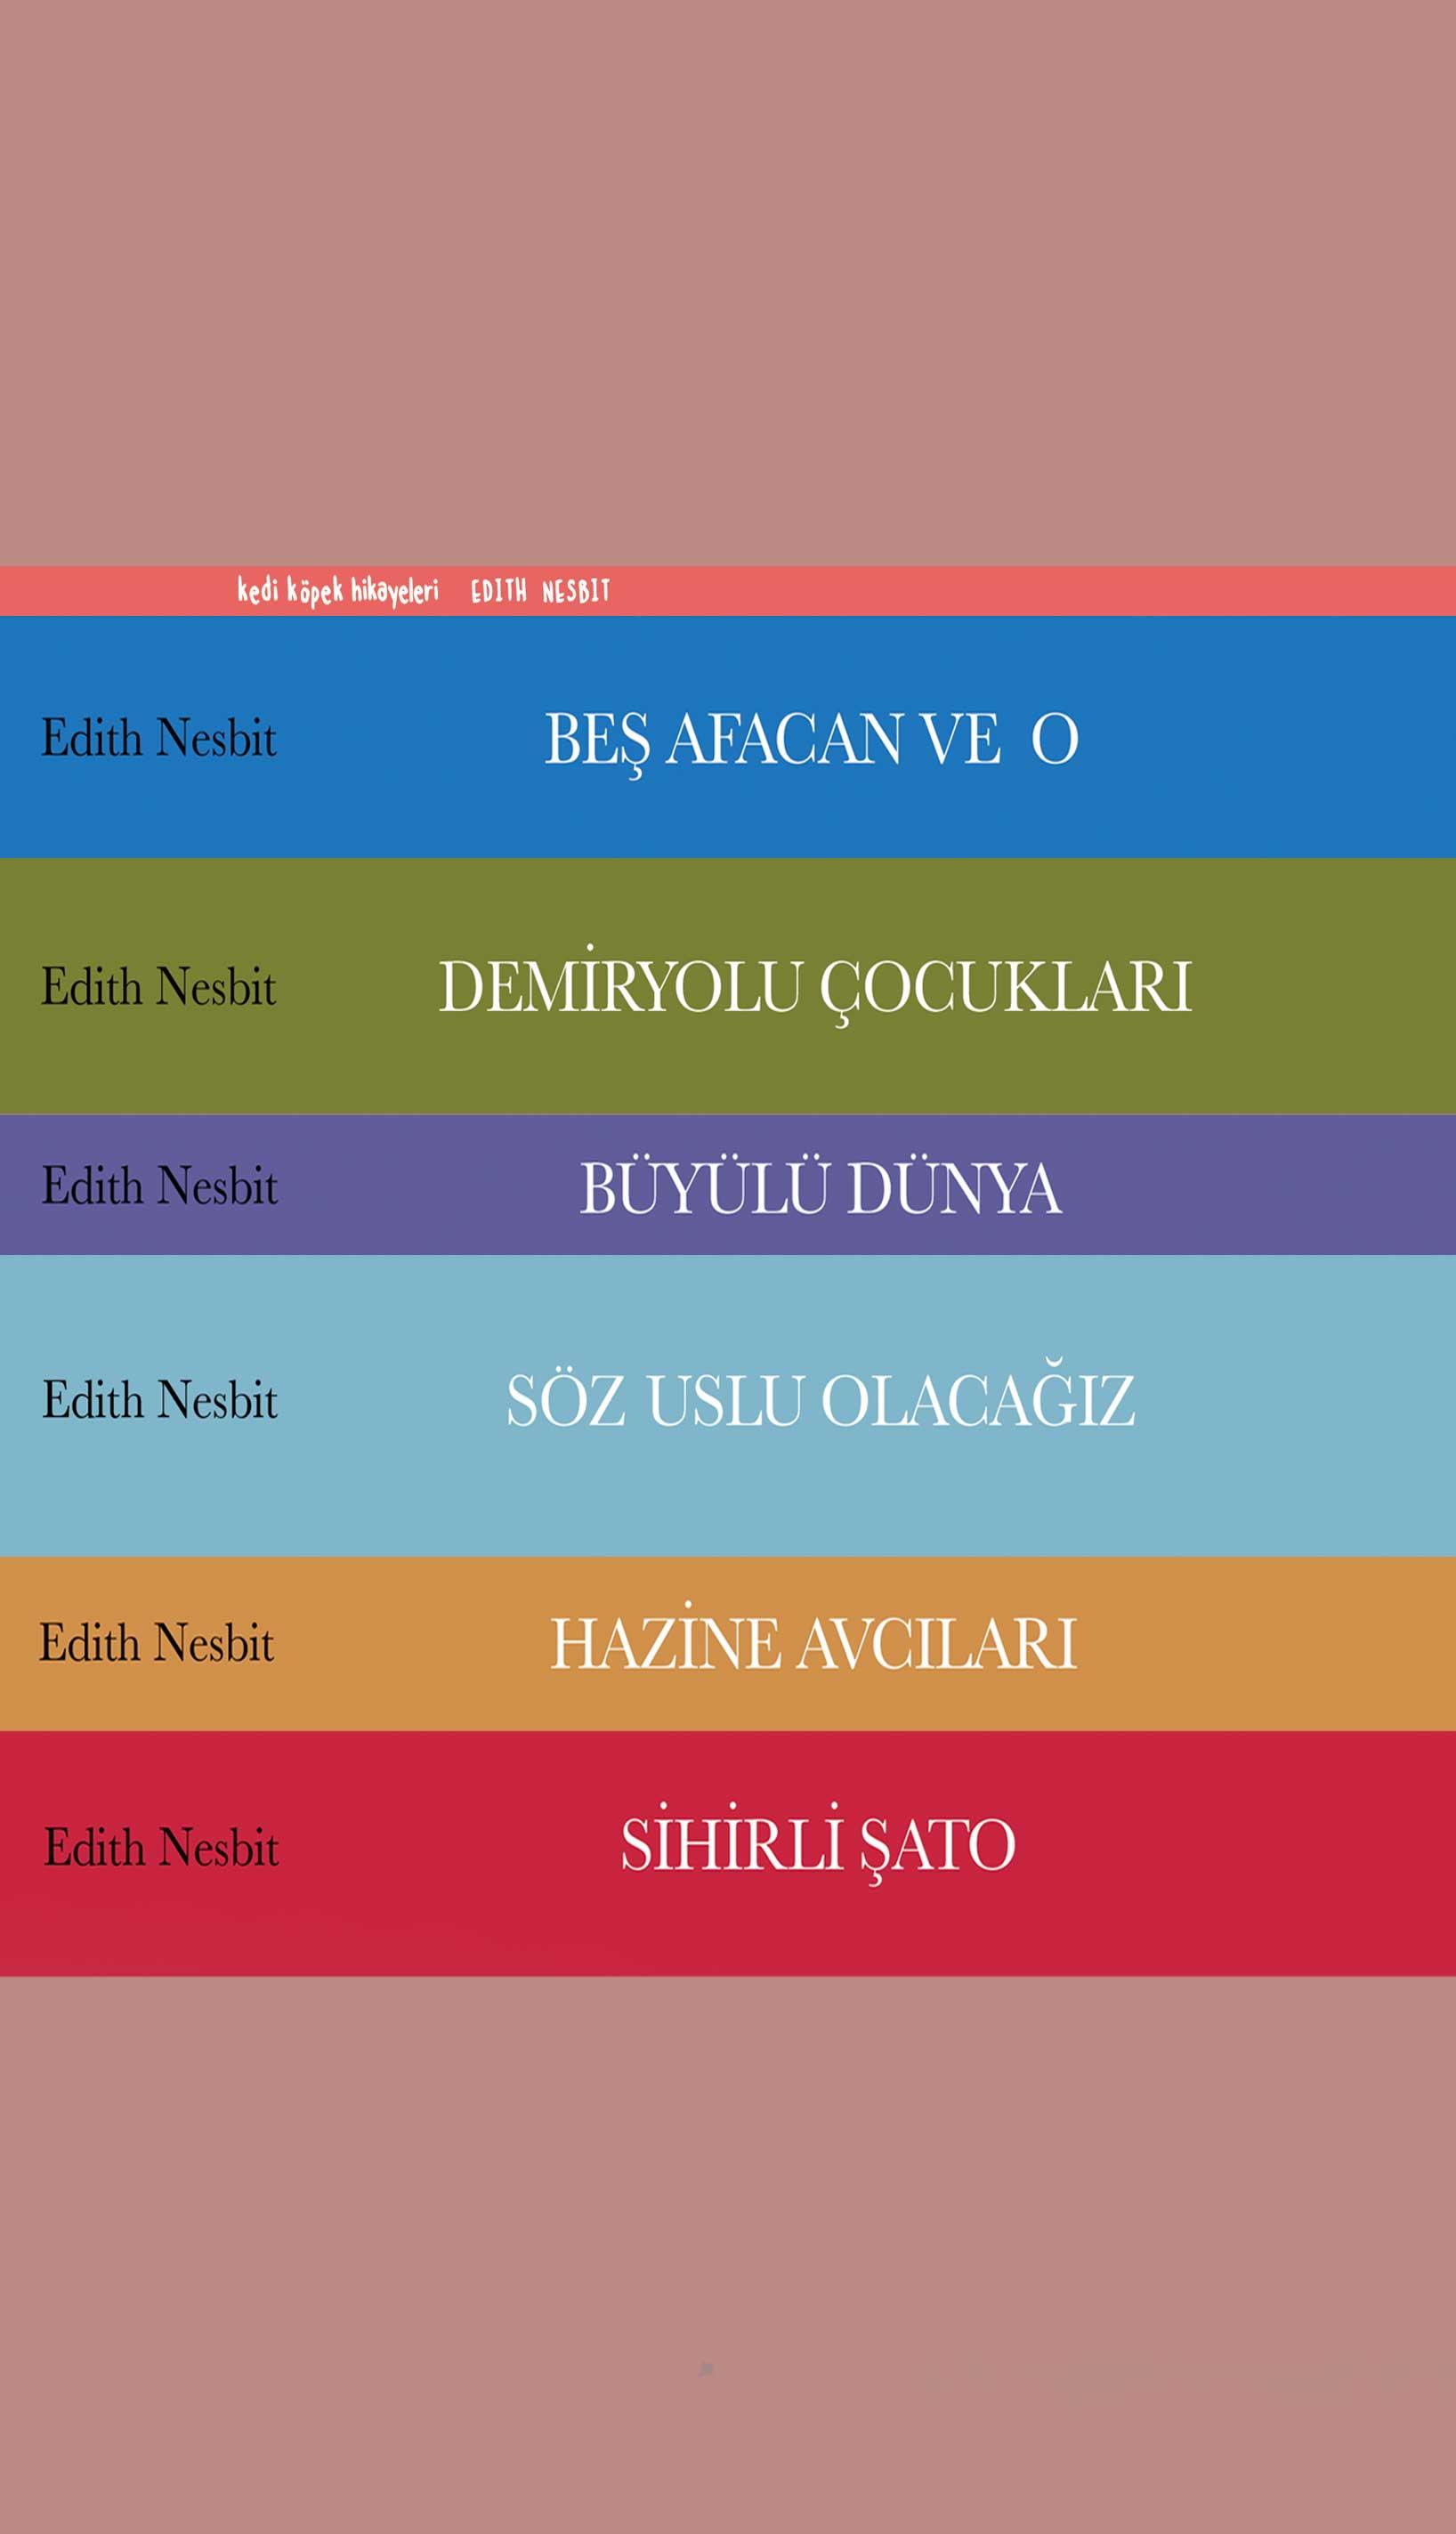 Edith Nesbit Kitapları